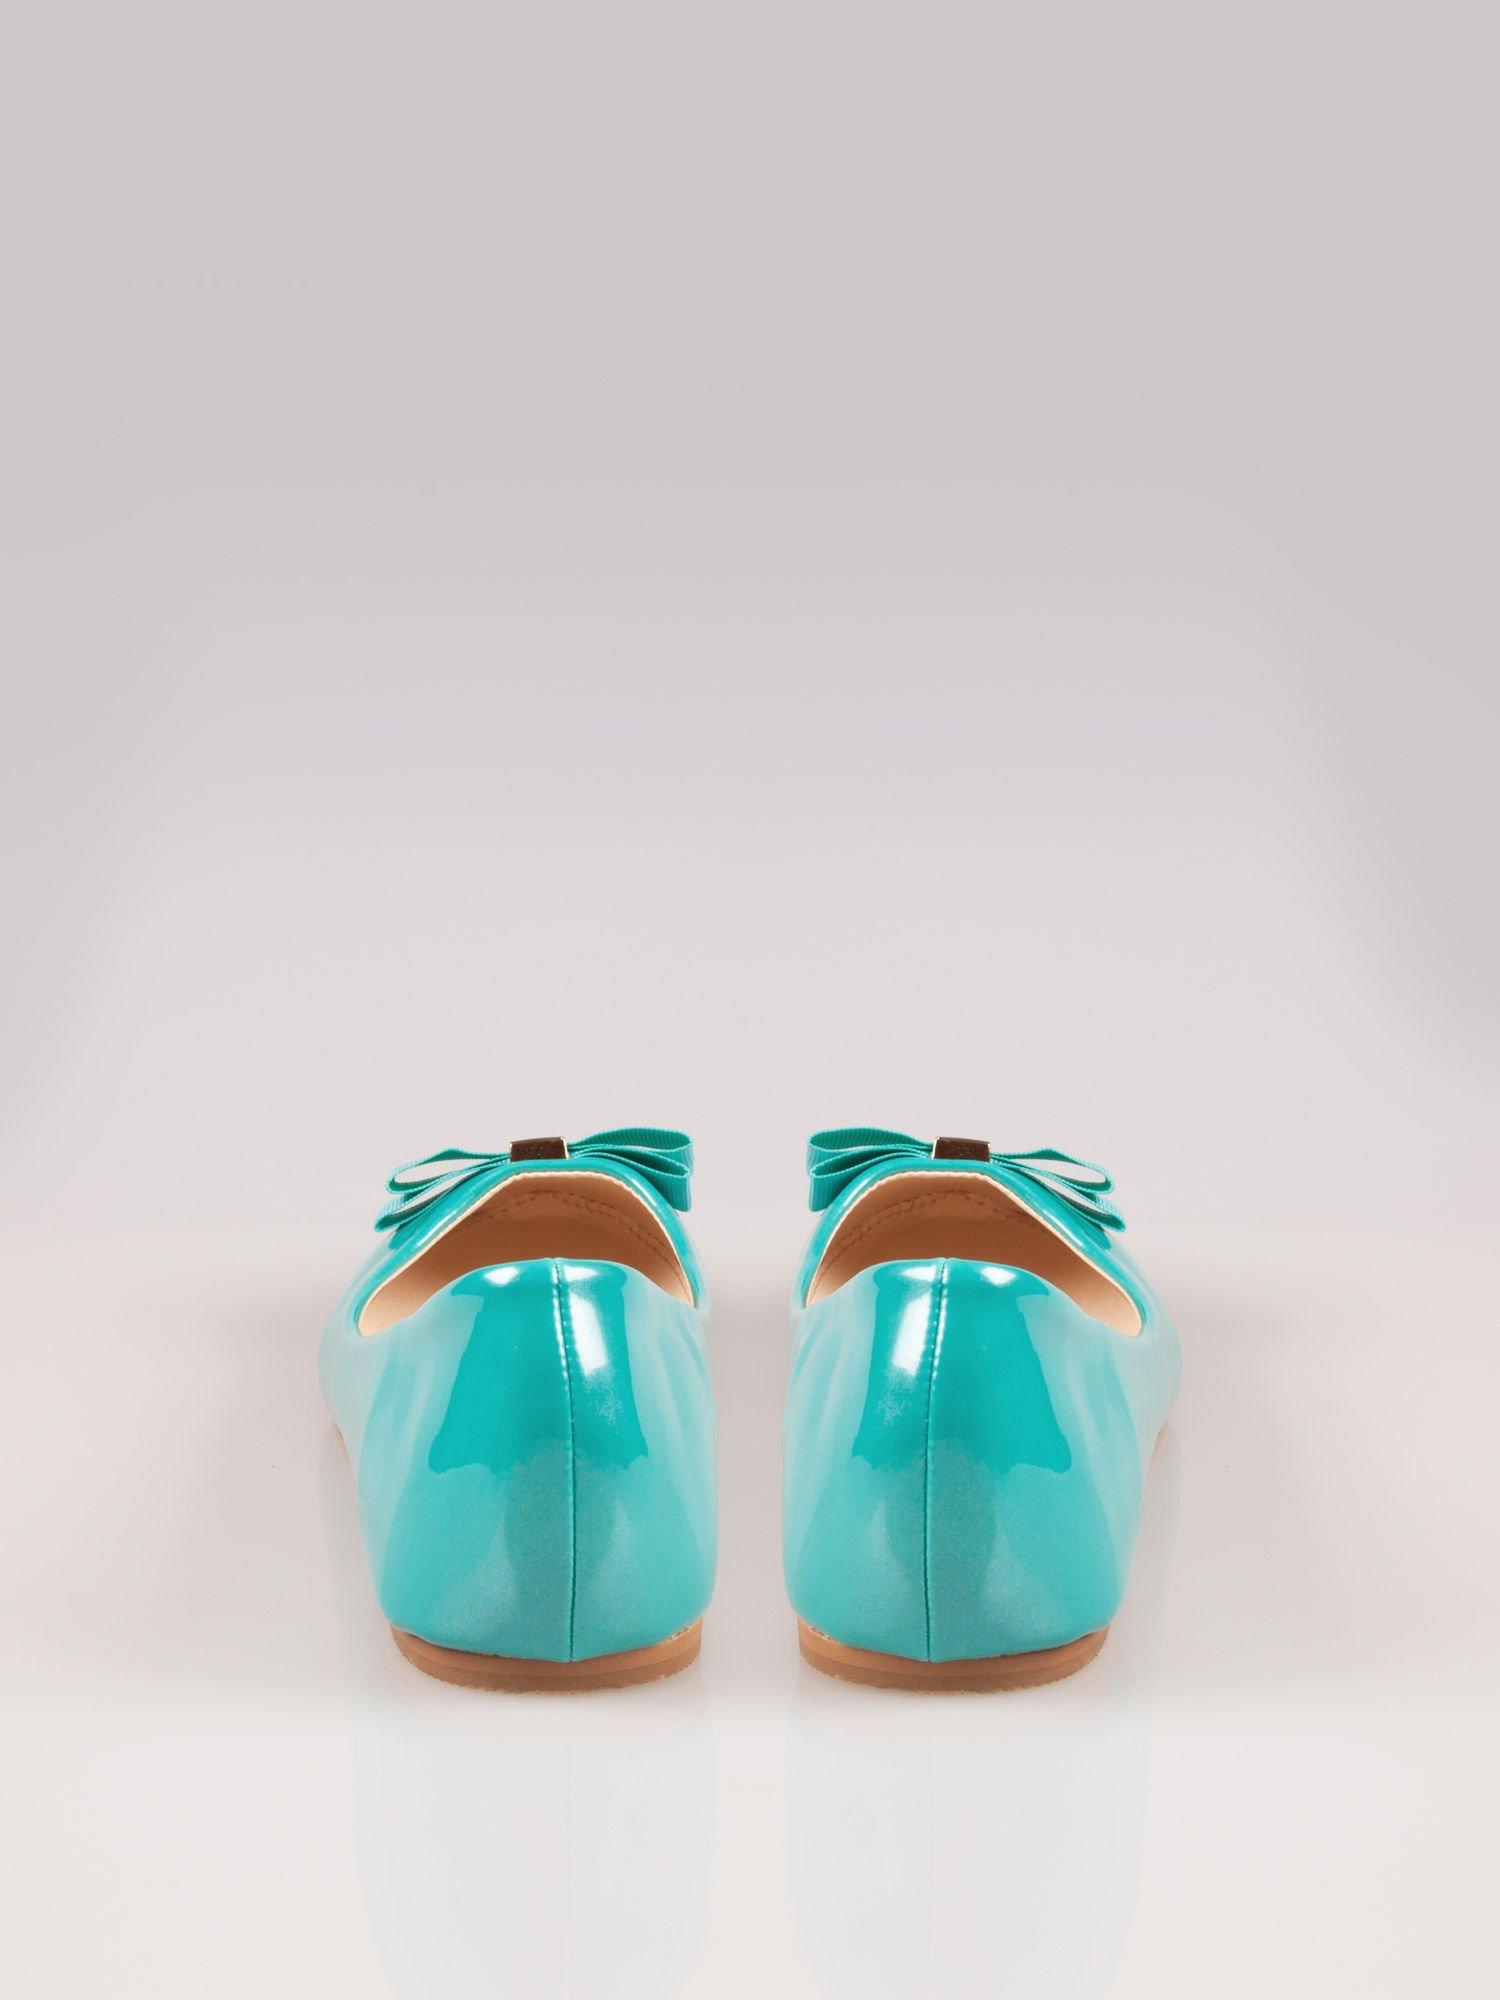 Niebieskozielone błyszczące balerinki faux leather Melanie z kokardką                                  zdj.                                  1